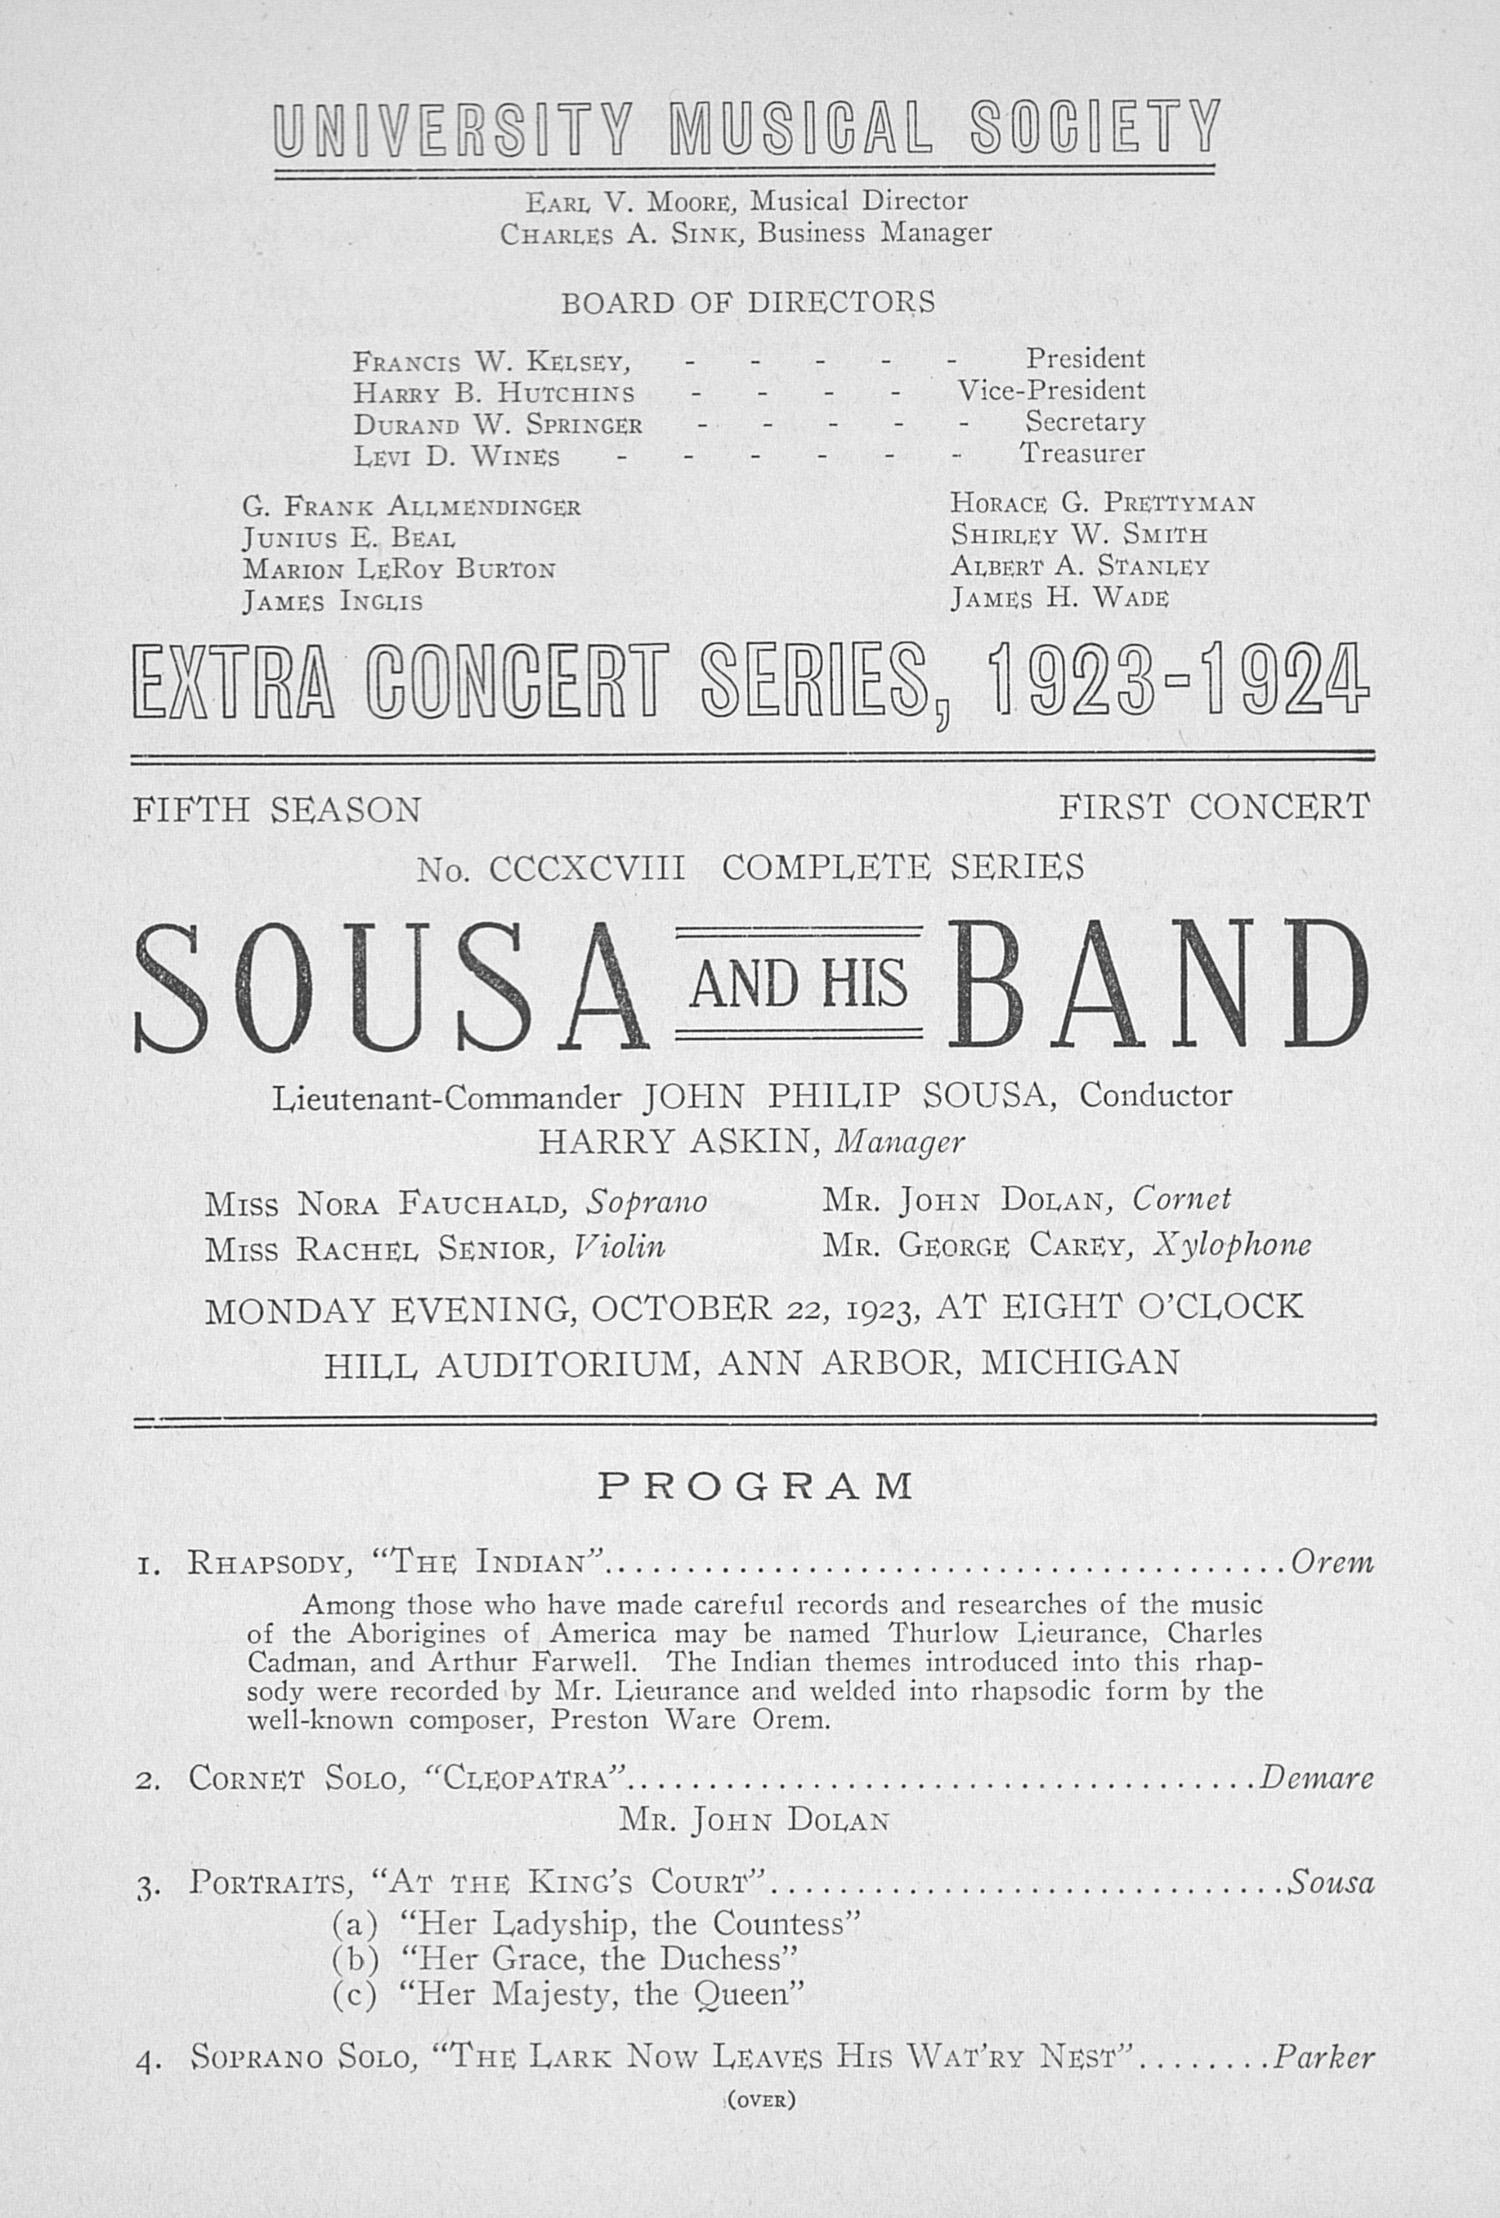 UMS Concert Program, October 22, 1923: Extra Concert